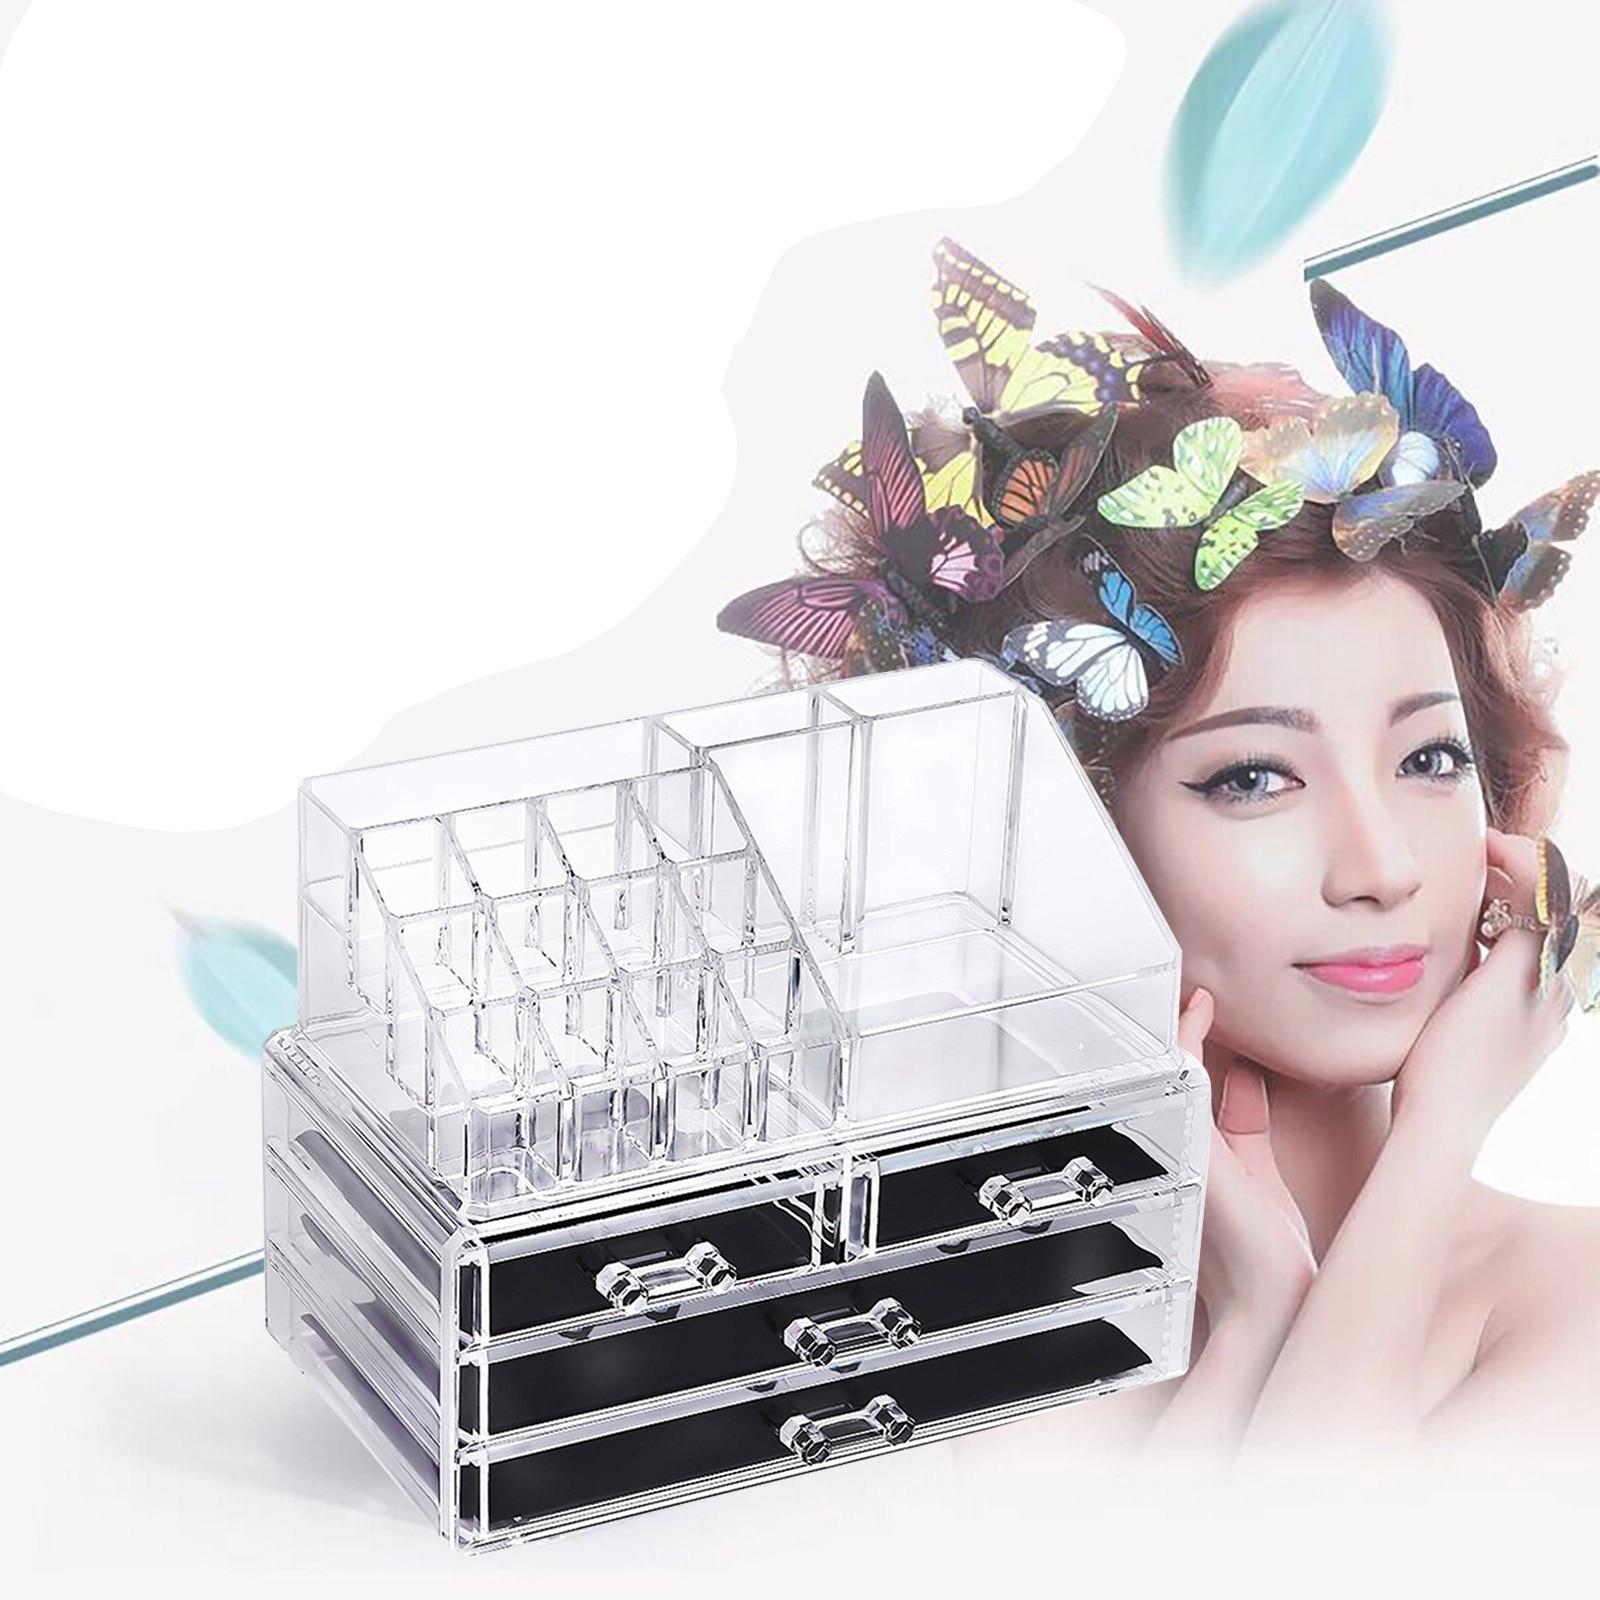 منظم سطح المكتب الشفاف ، صندوق تخزين مستحضرات التجميل من الأكريليك الشفاف ، إبداعي ، متعدد الوظائف ، منظم المكياج ، جديد